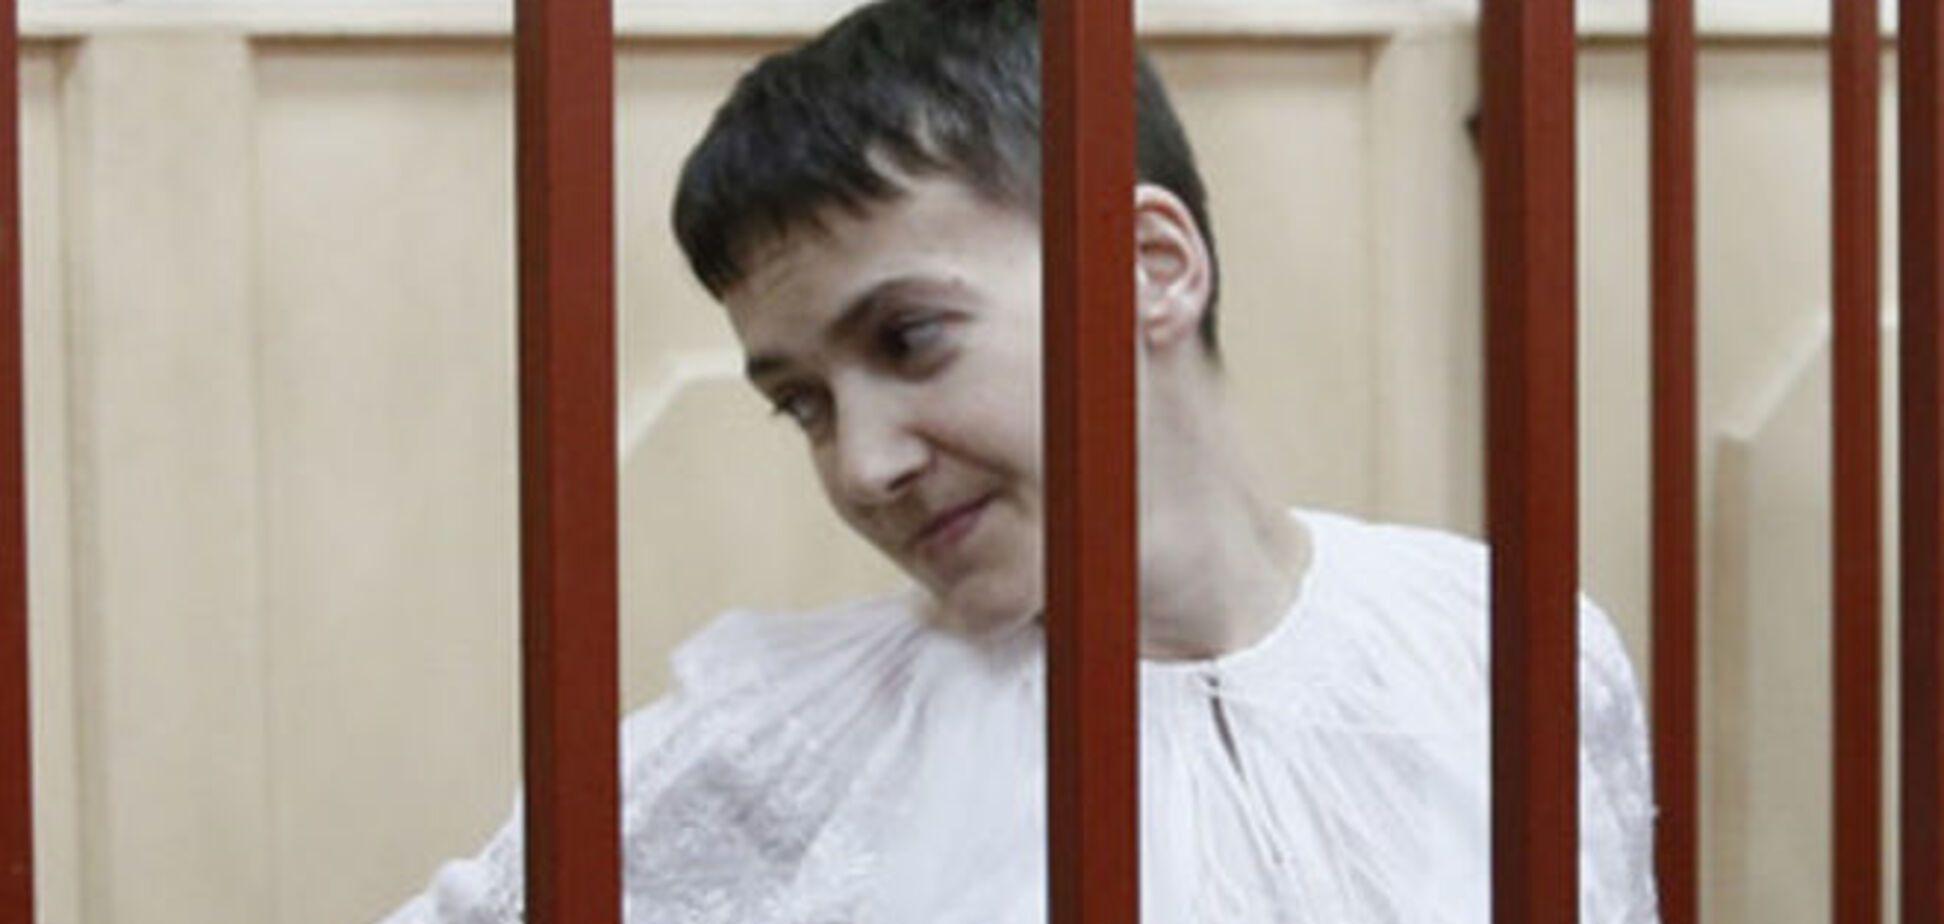 СБУ завела уголовное дело на российских силовиков за похищение Савченко